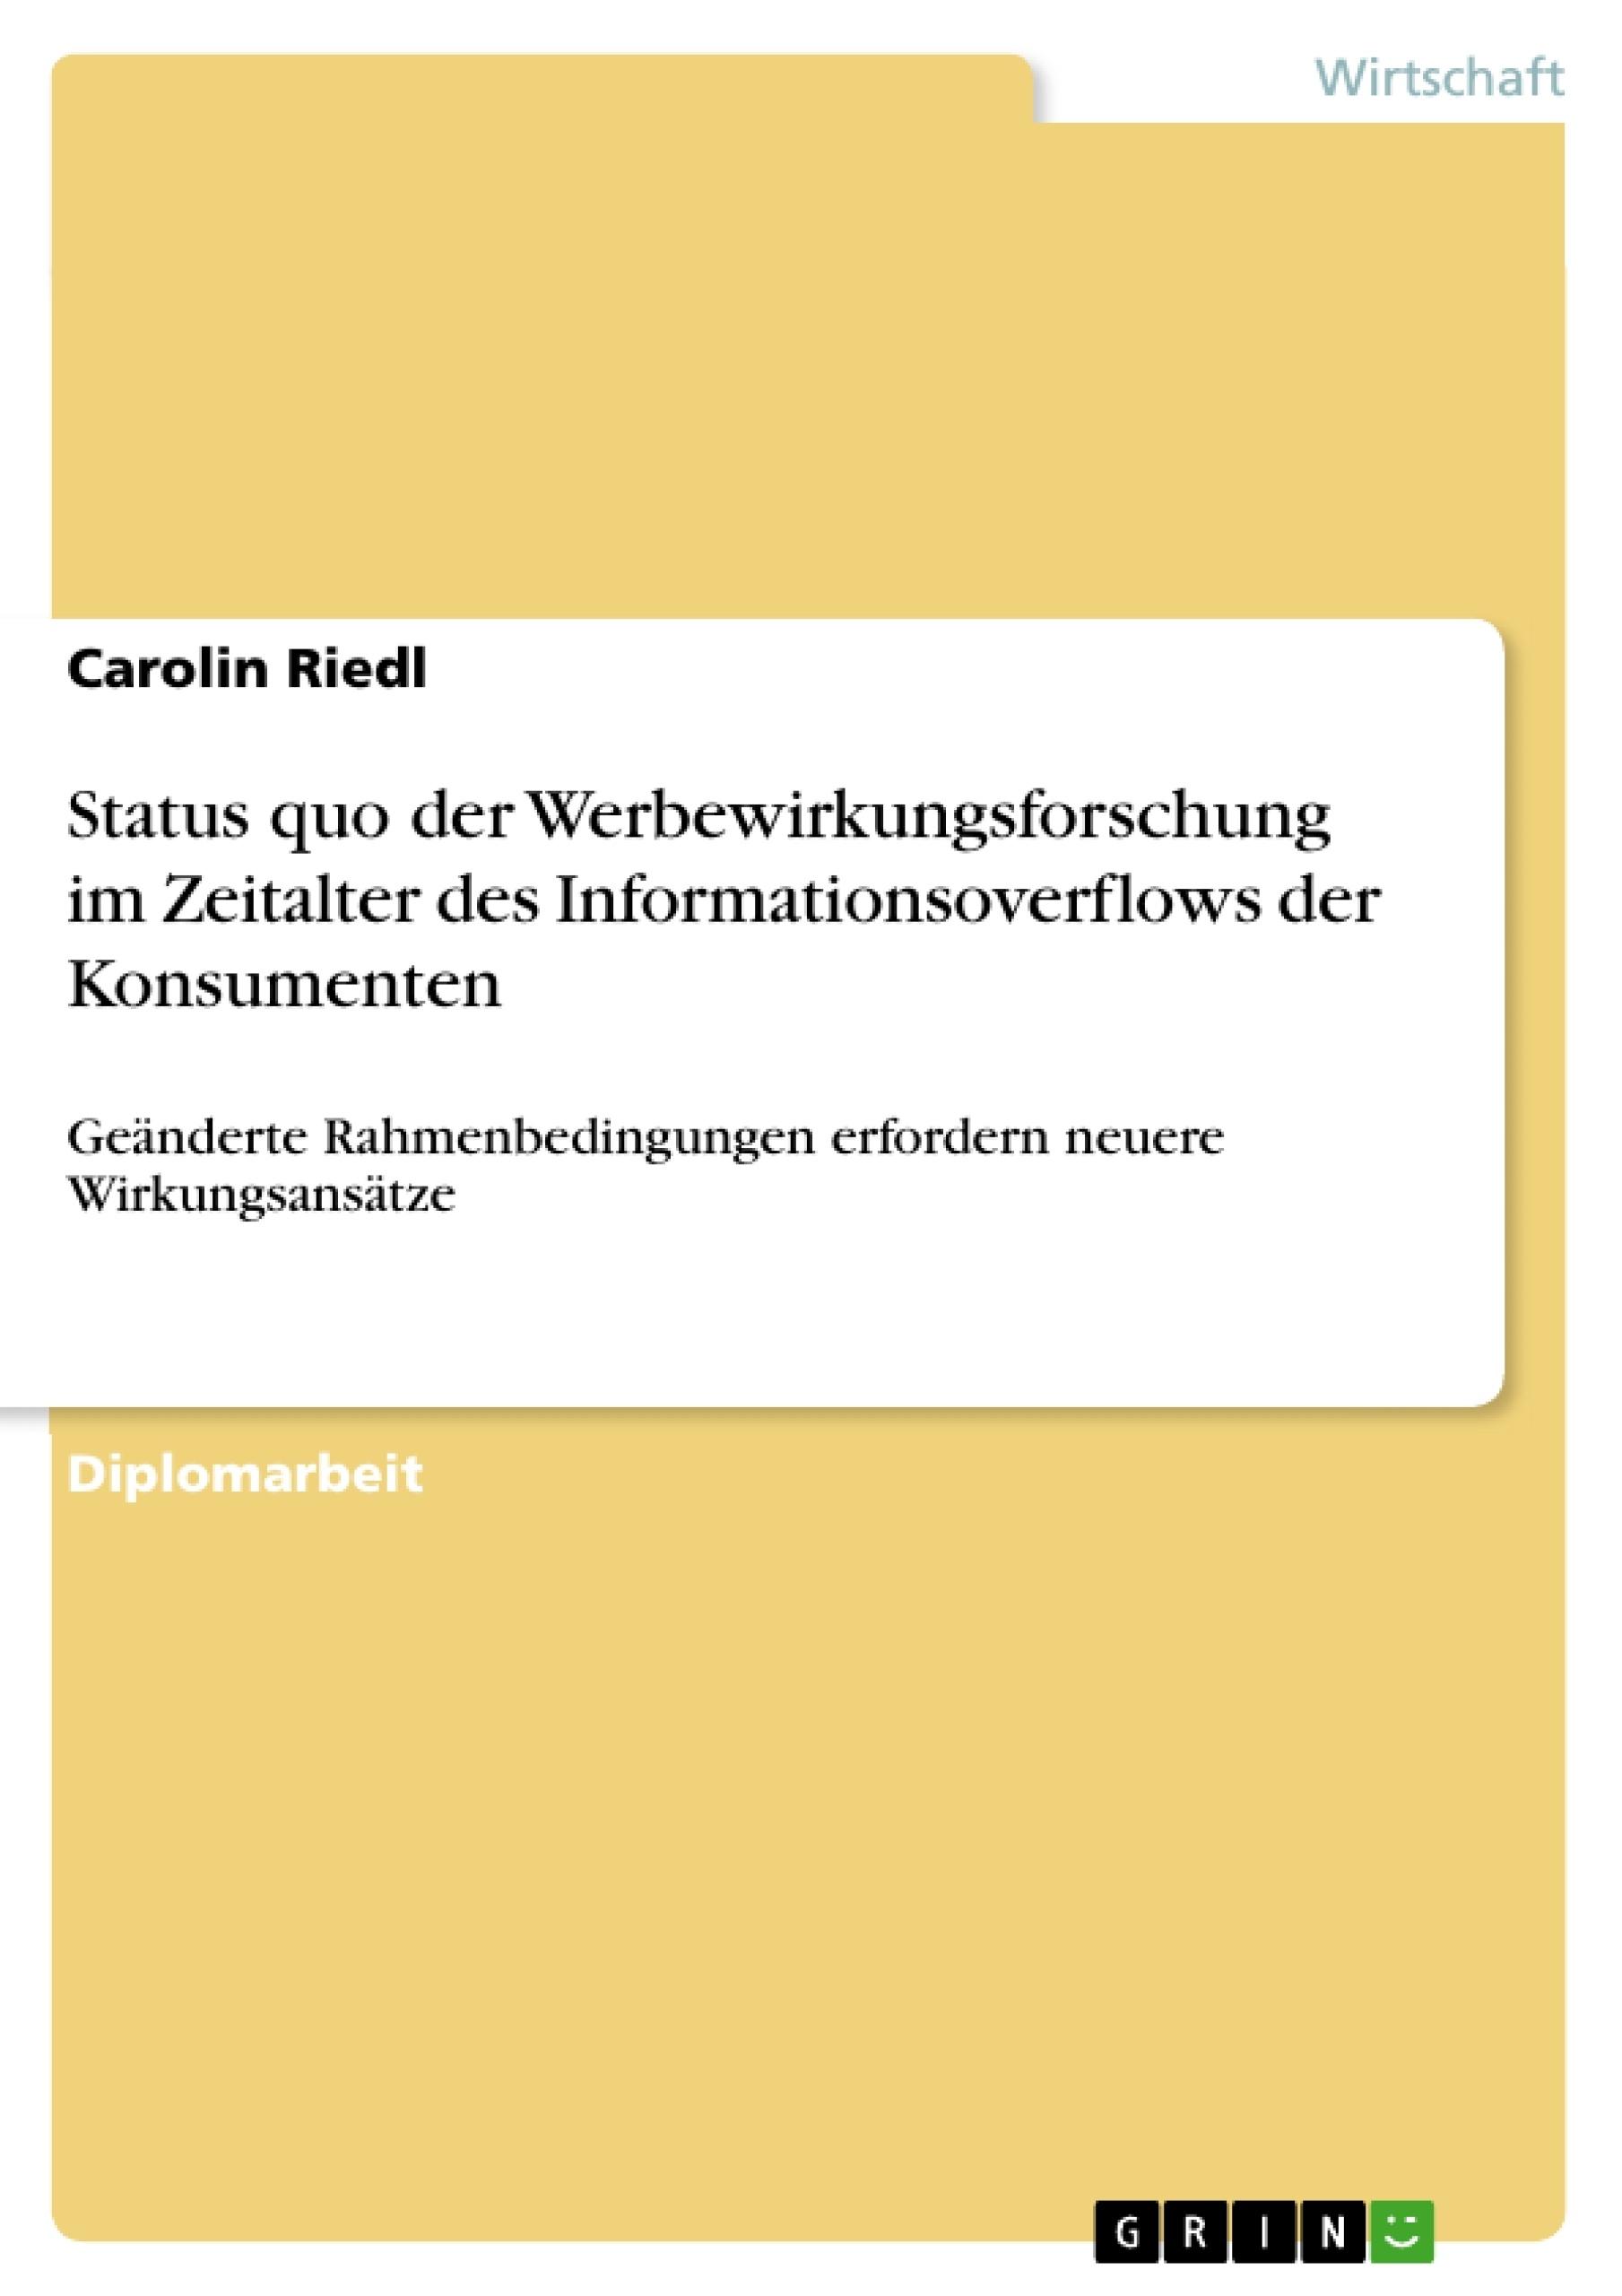 Titel: Status quo der Werbewirkungsforschung im Zeitalter des Informationsoverflows der Konsumenten